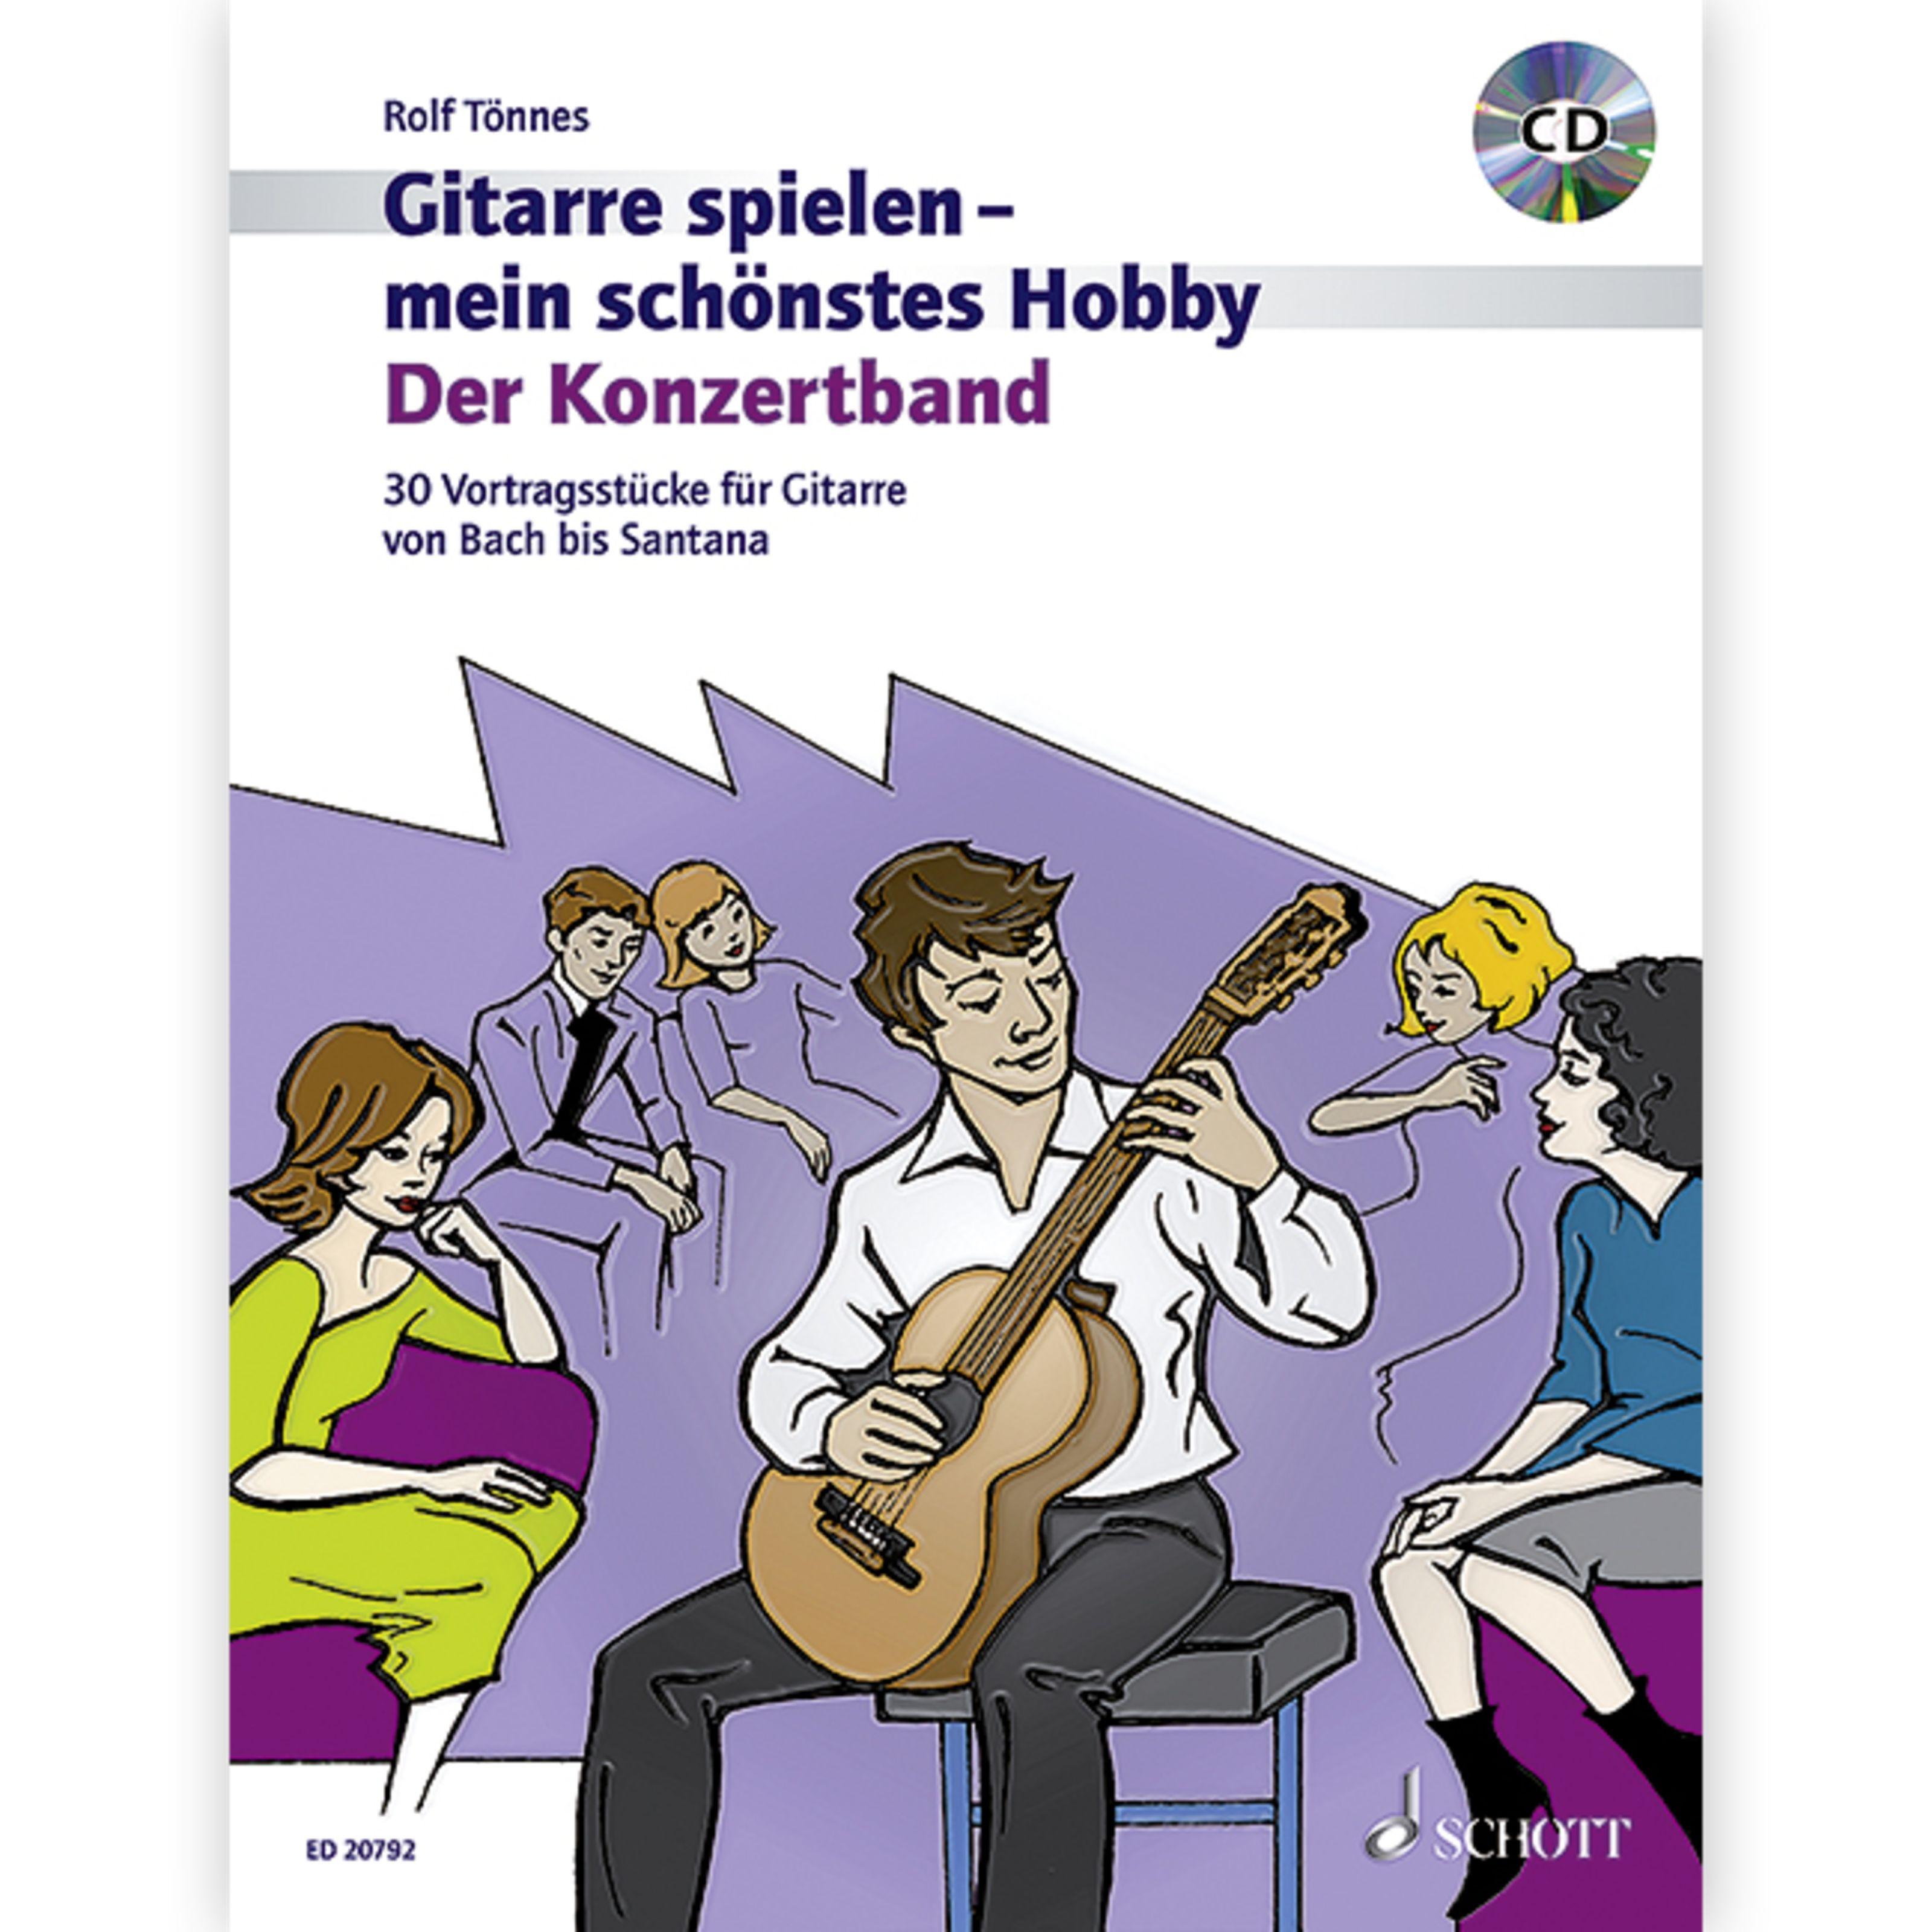 Schott Music - Der Konzertband - Gitarre spielen mein schönstes Hobby